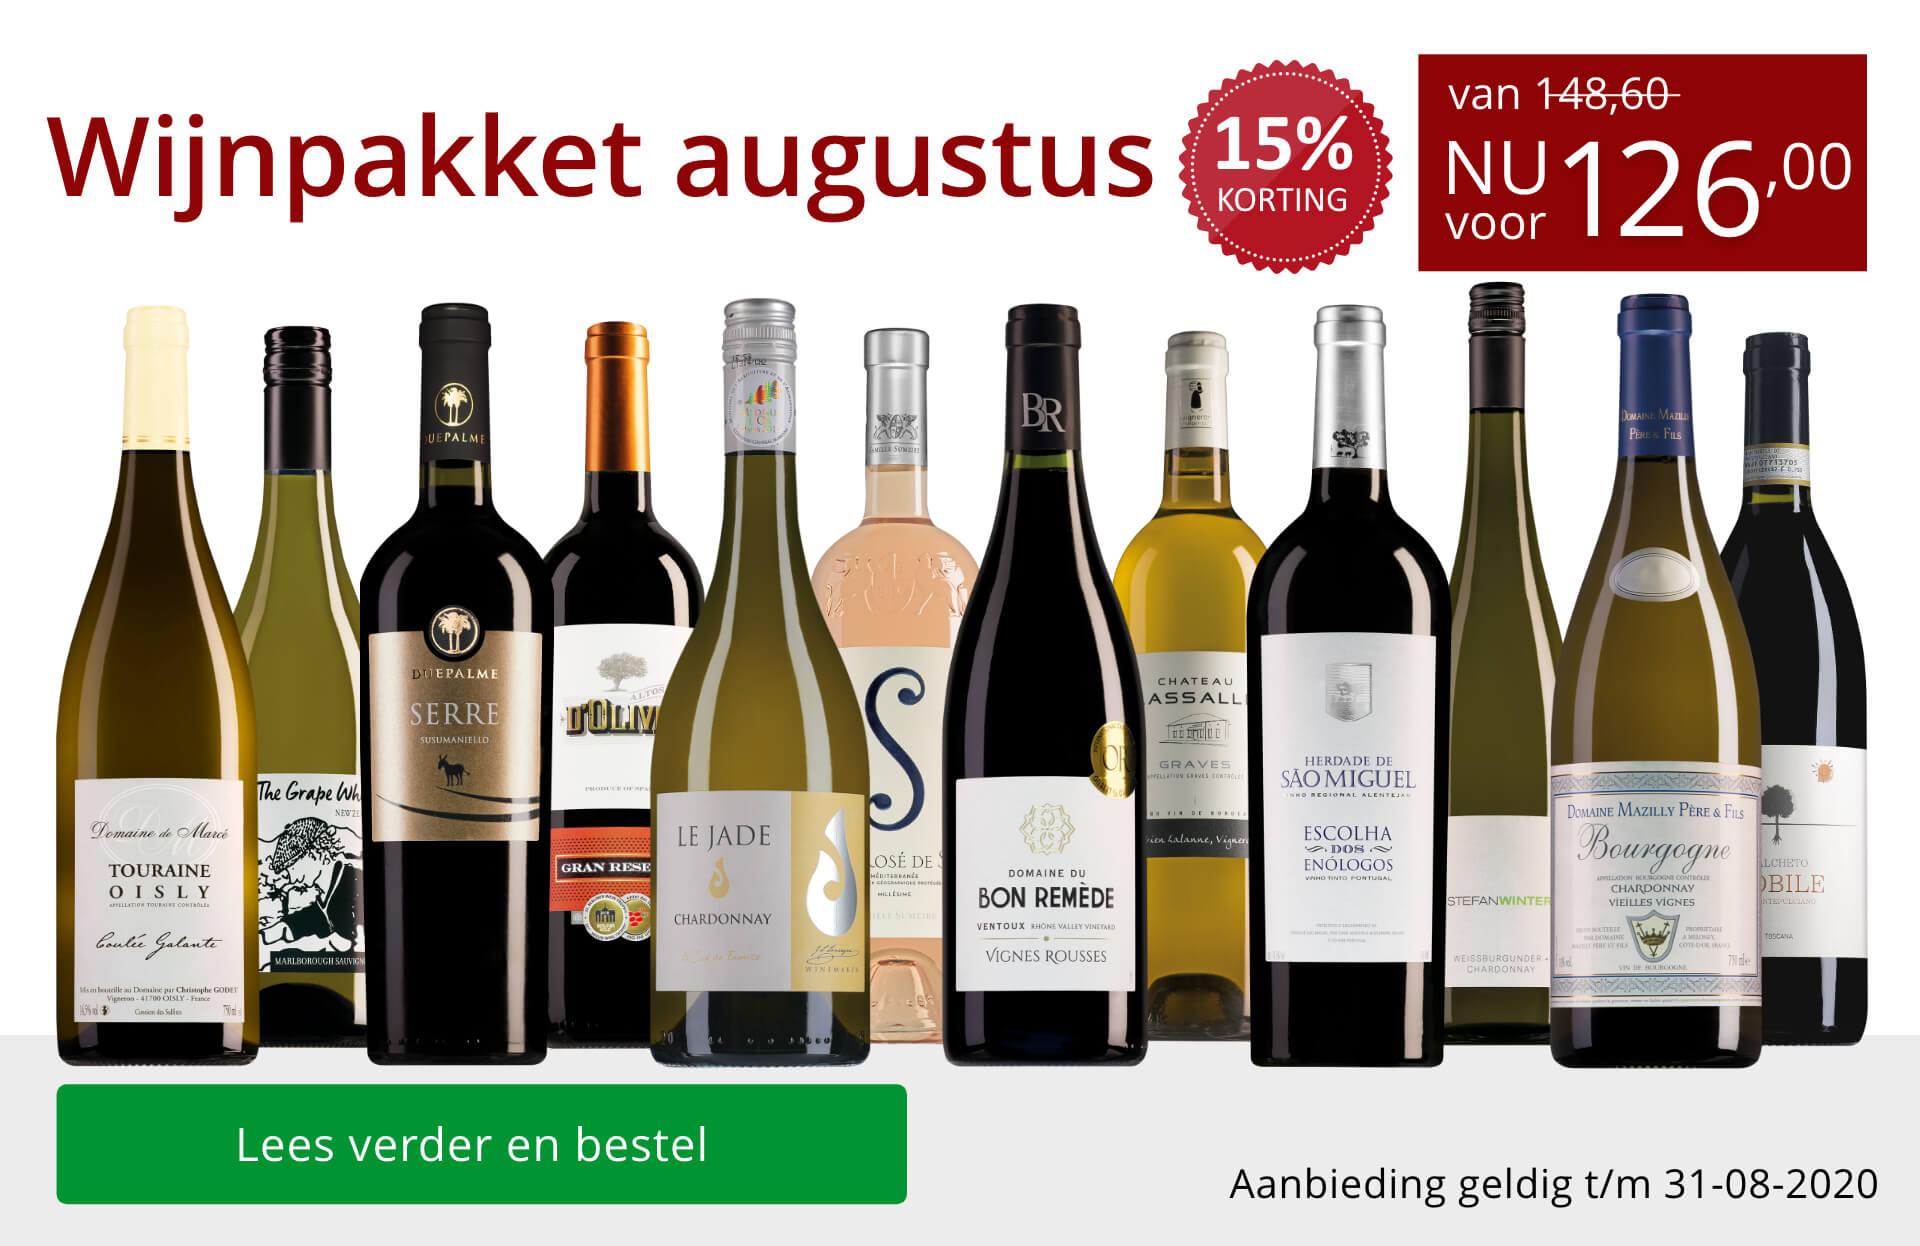 Wijnpakket wijnbericht augustus 2020 (126,00) - rood